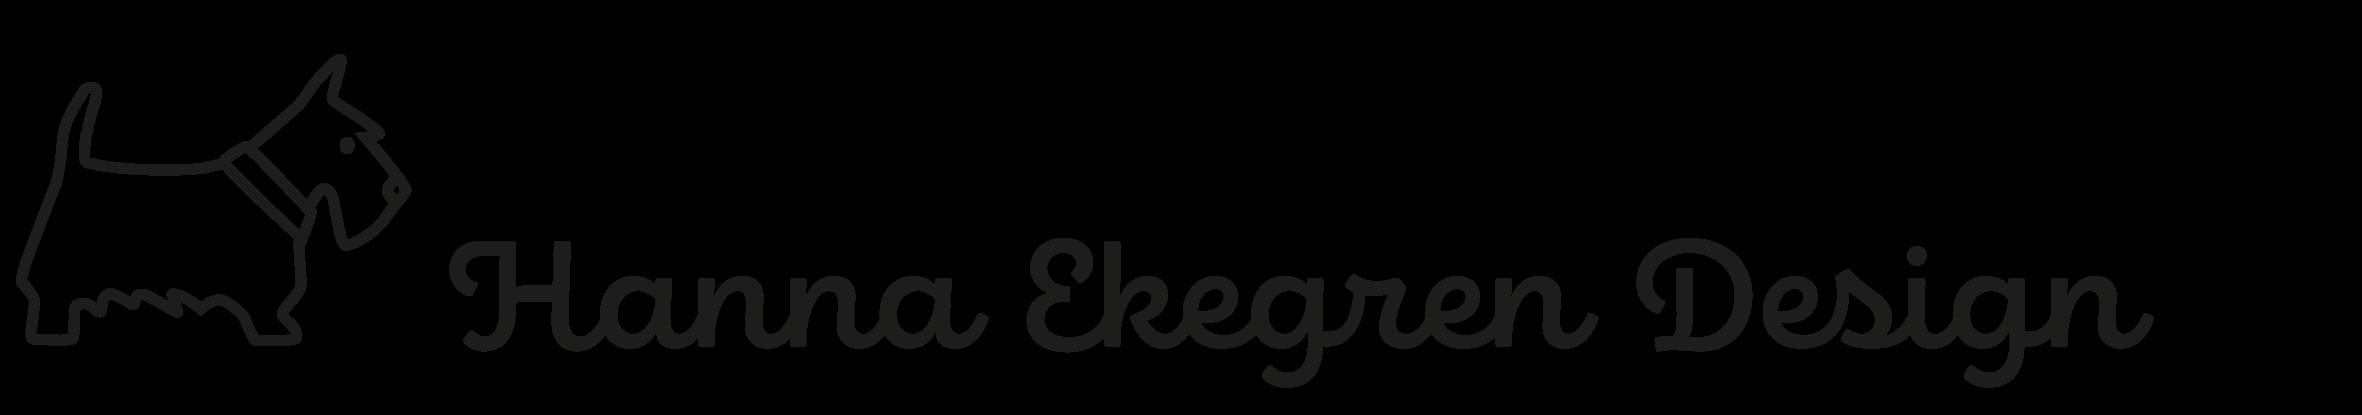 Hanna Ekegren | Graphic Design